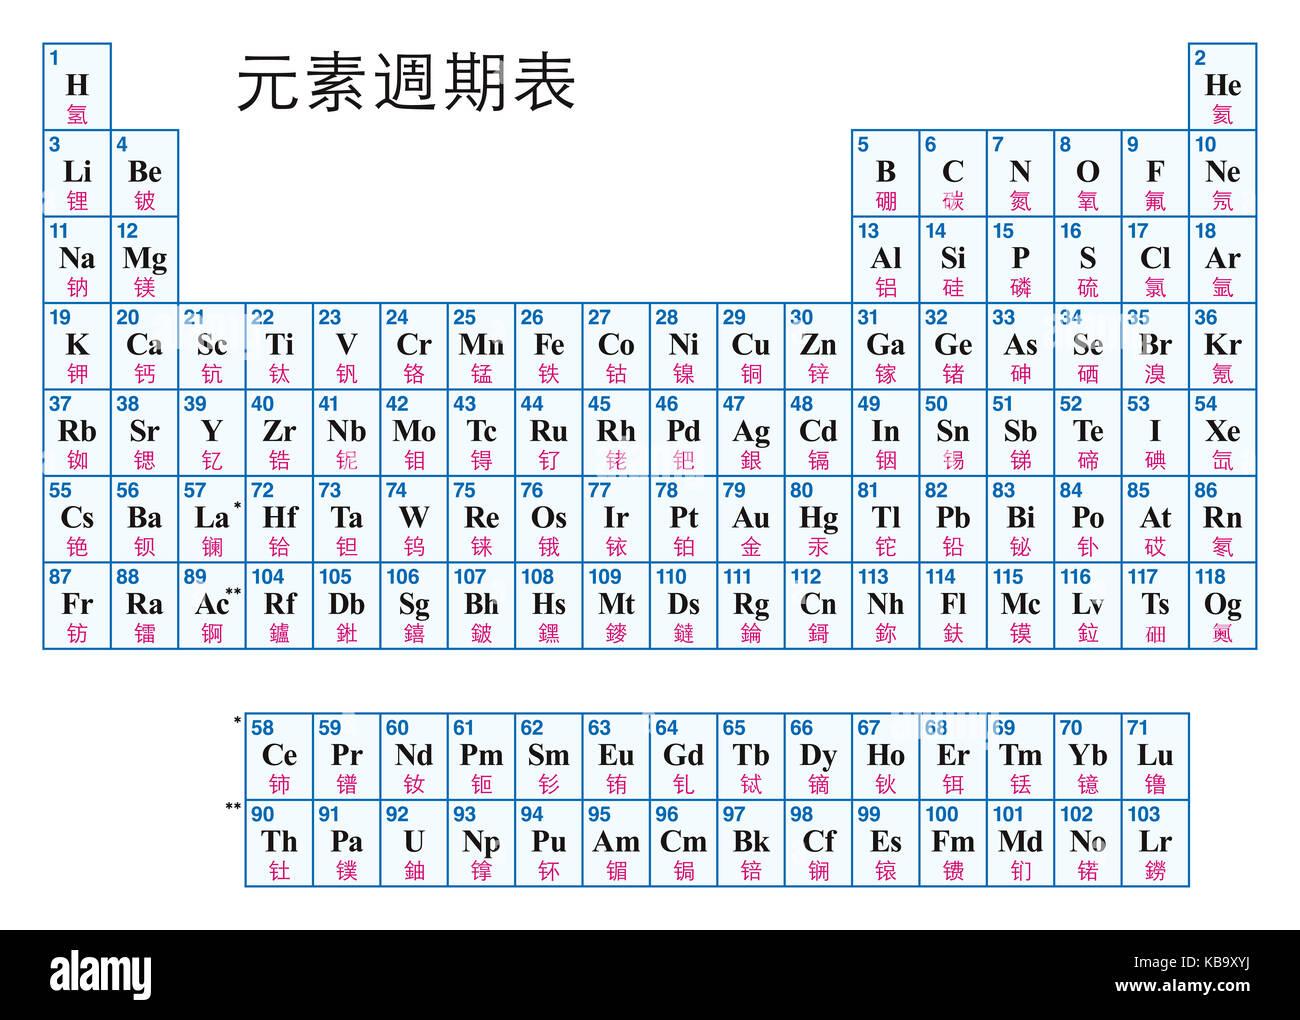 Tabla peridica de los elementos el chino disposicin tabular de tabla peridica de los elementos el chino disposicin tabular de los elementos qumicos con sus nmeros atmicos smbolos y nombres urtaz Image collections